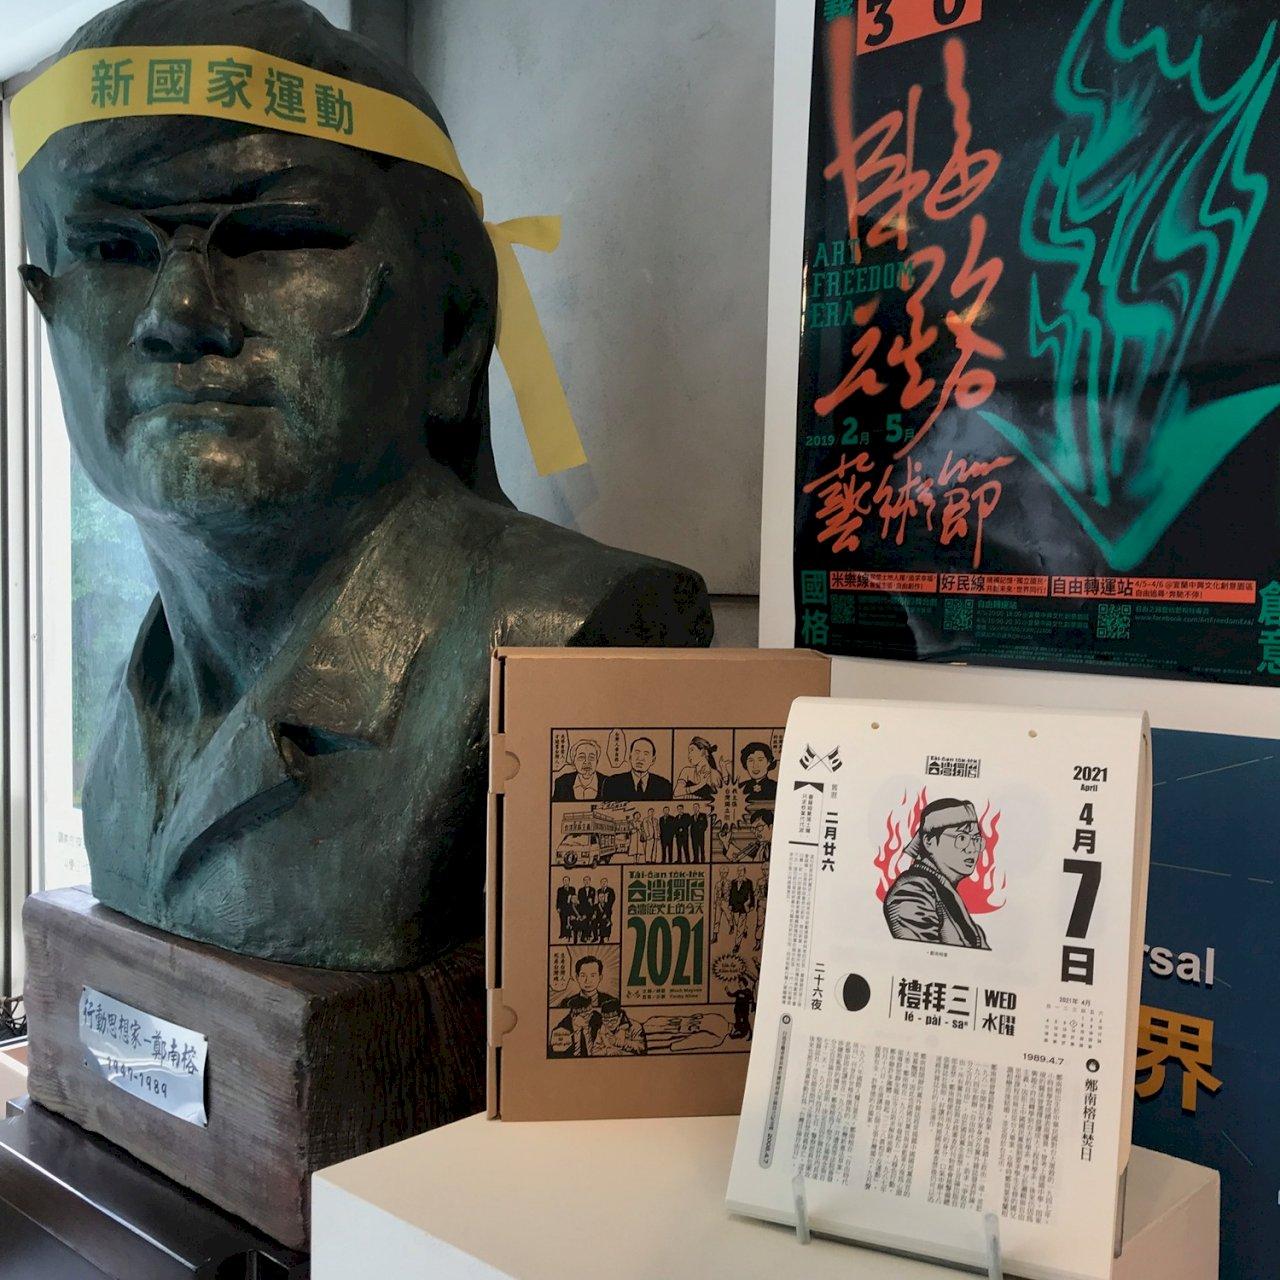 鄭南榕逝世32周年 228受難家屬:他悲壯喚醒台灣人自由的價值